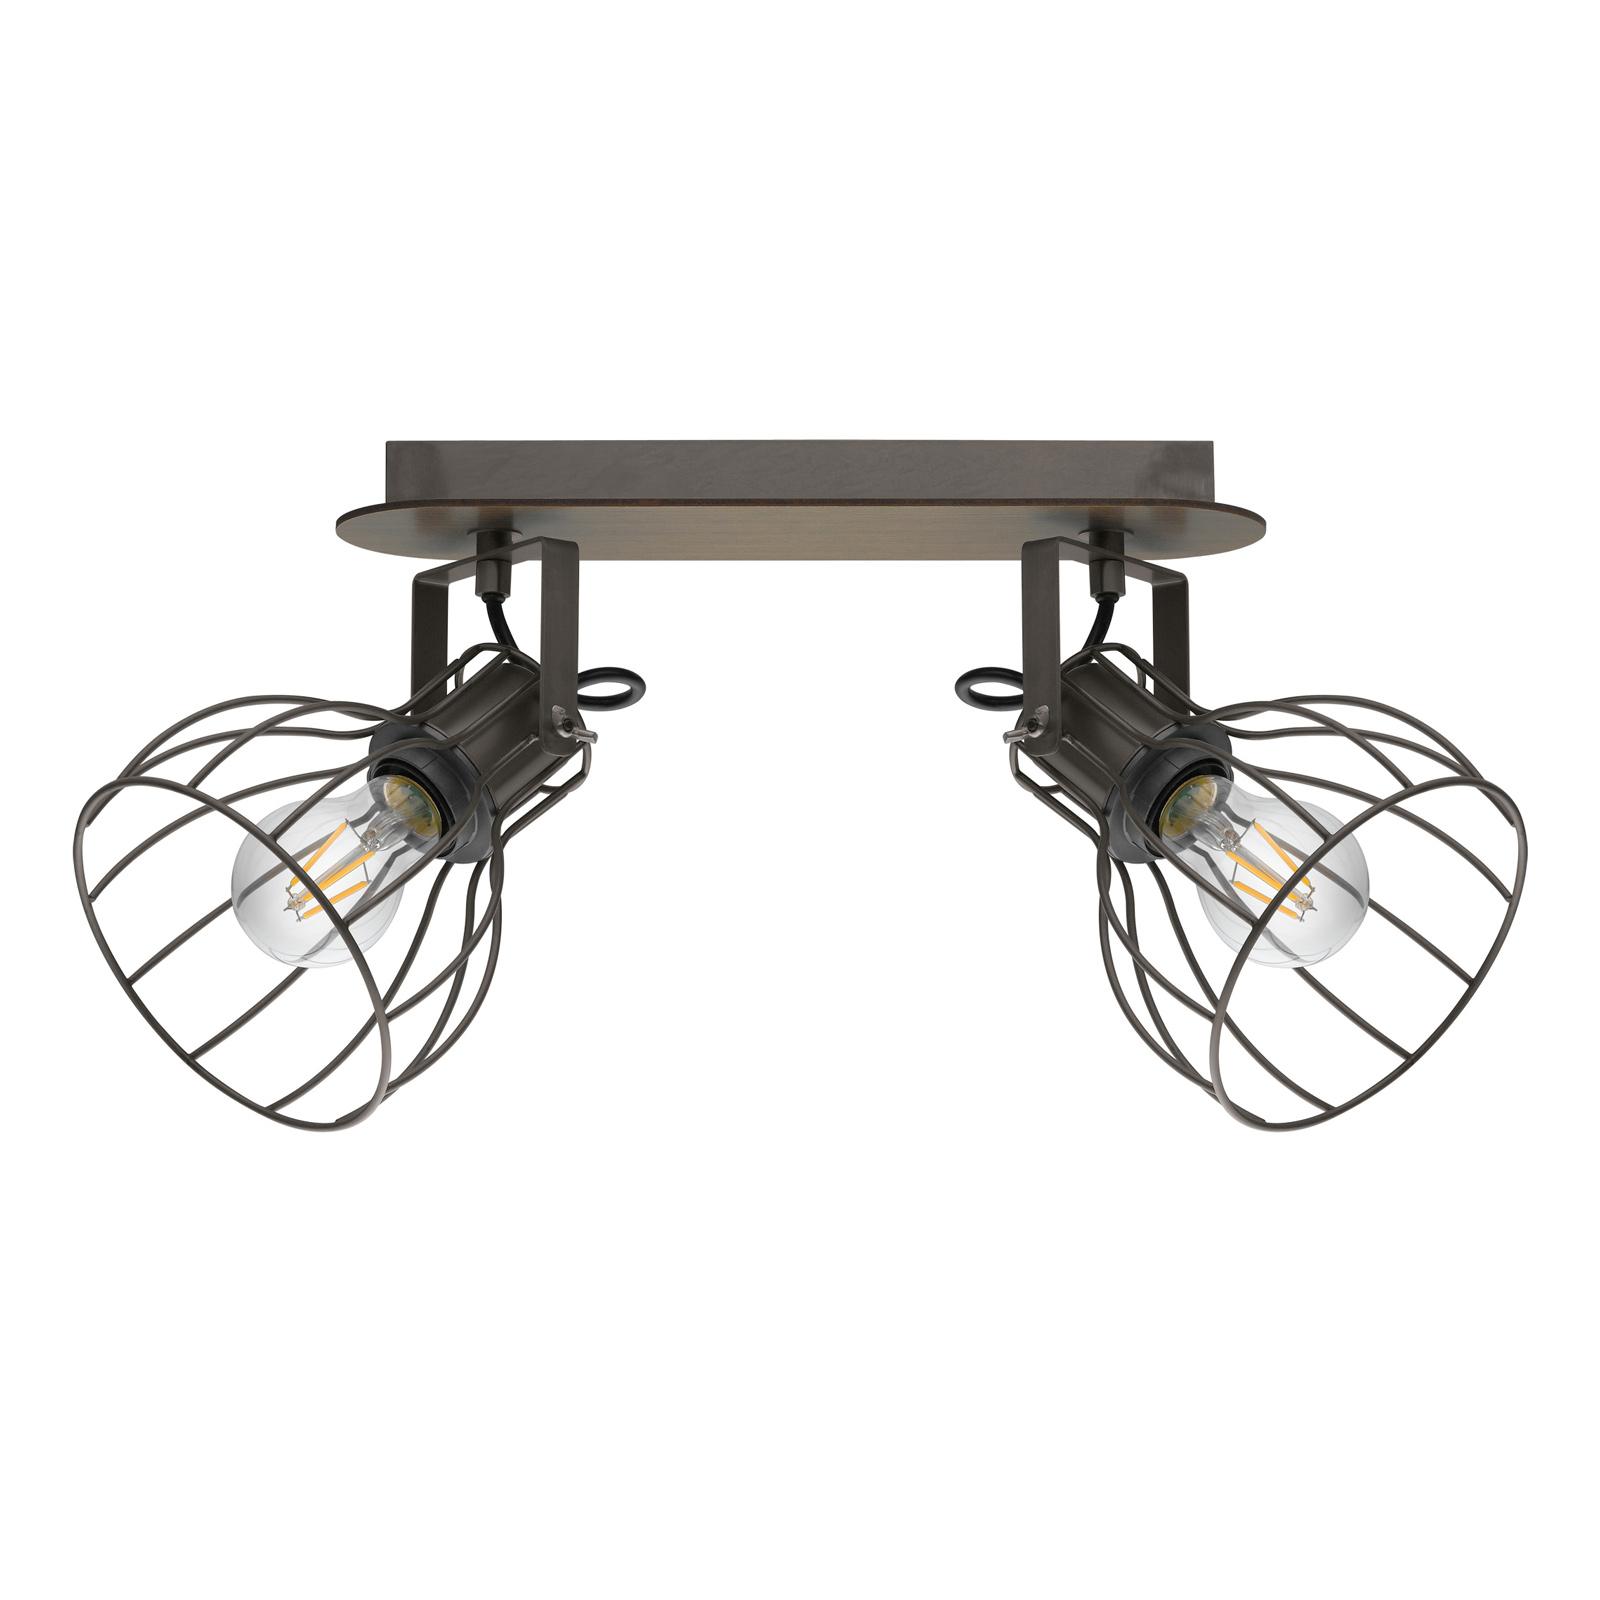 Plafondlamp Sambatello, 2-lamps